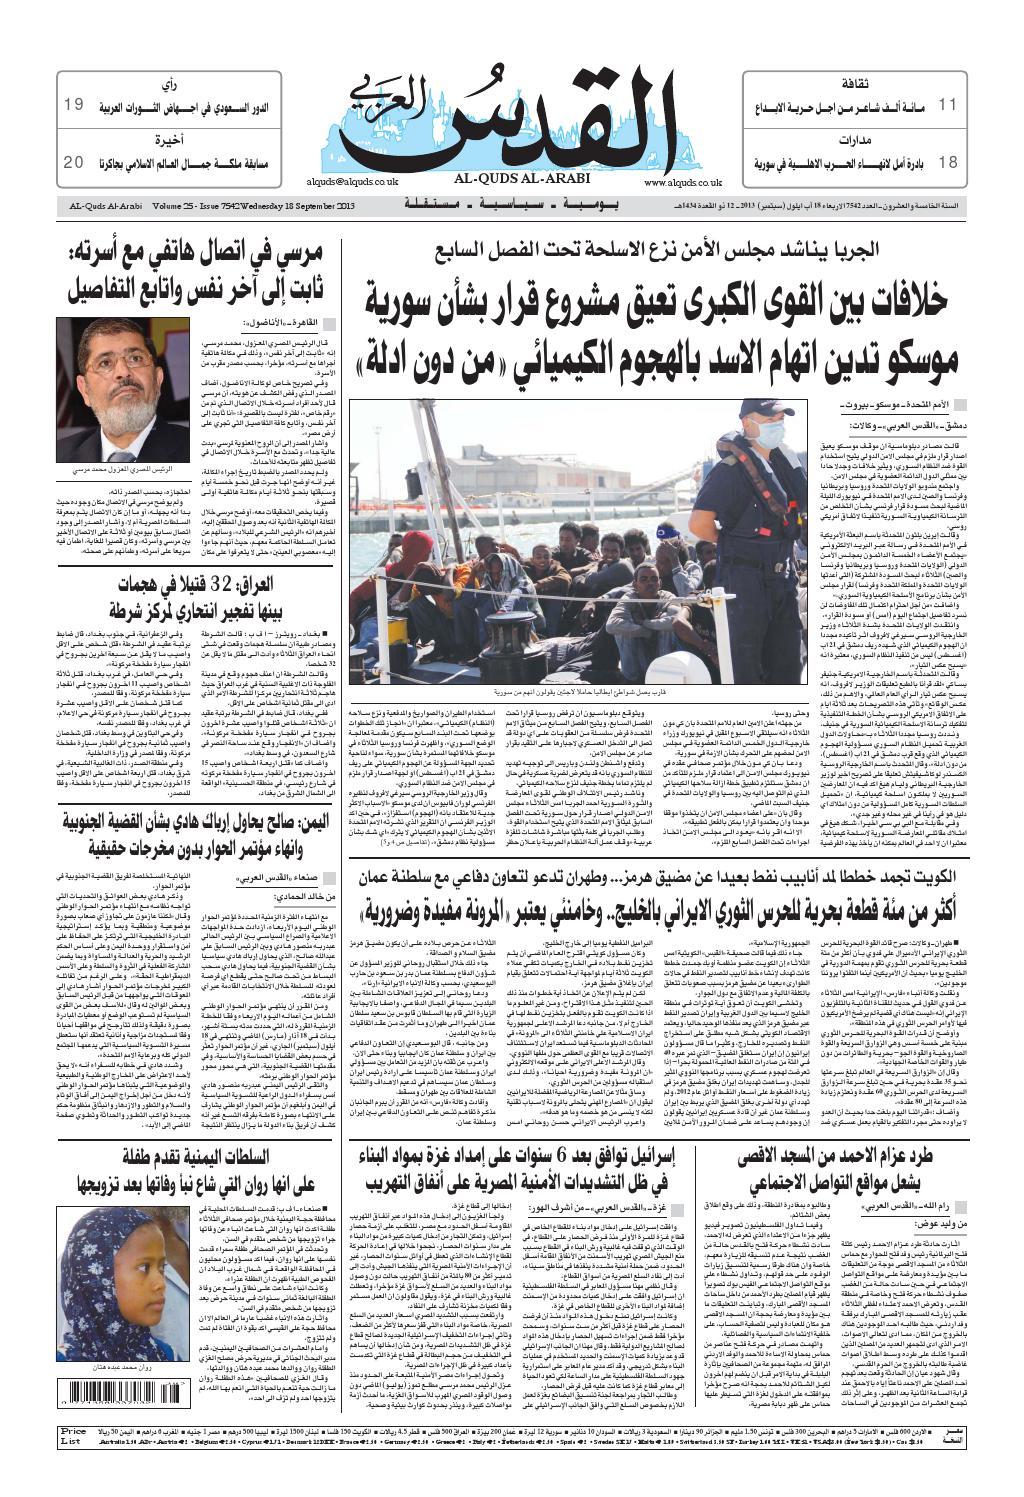 03d9b5c85 صحيفة القدس العربي , الأربعاء 18.09.2013 by مركز الحدث - issuu